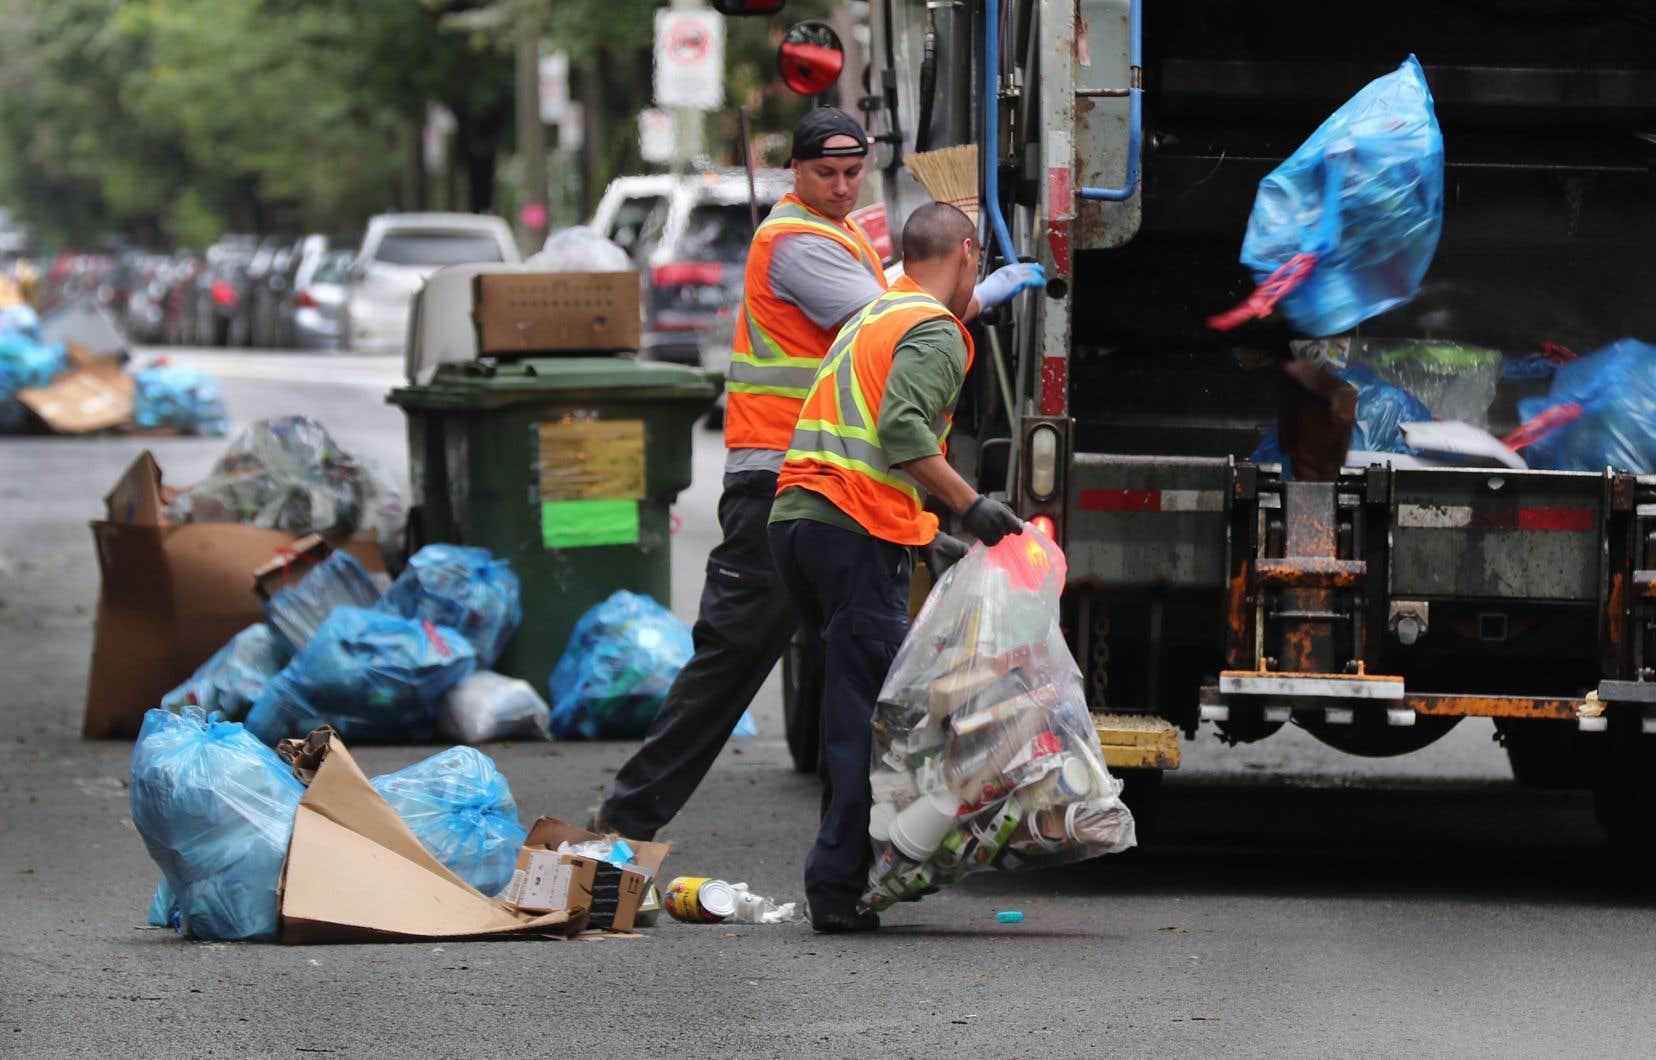 La Ville de Gatineau dit vouloir réduire de 45% la quantité de déchets produits par les citoyens.